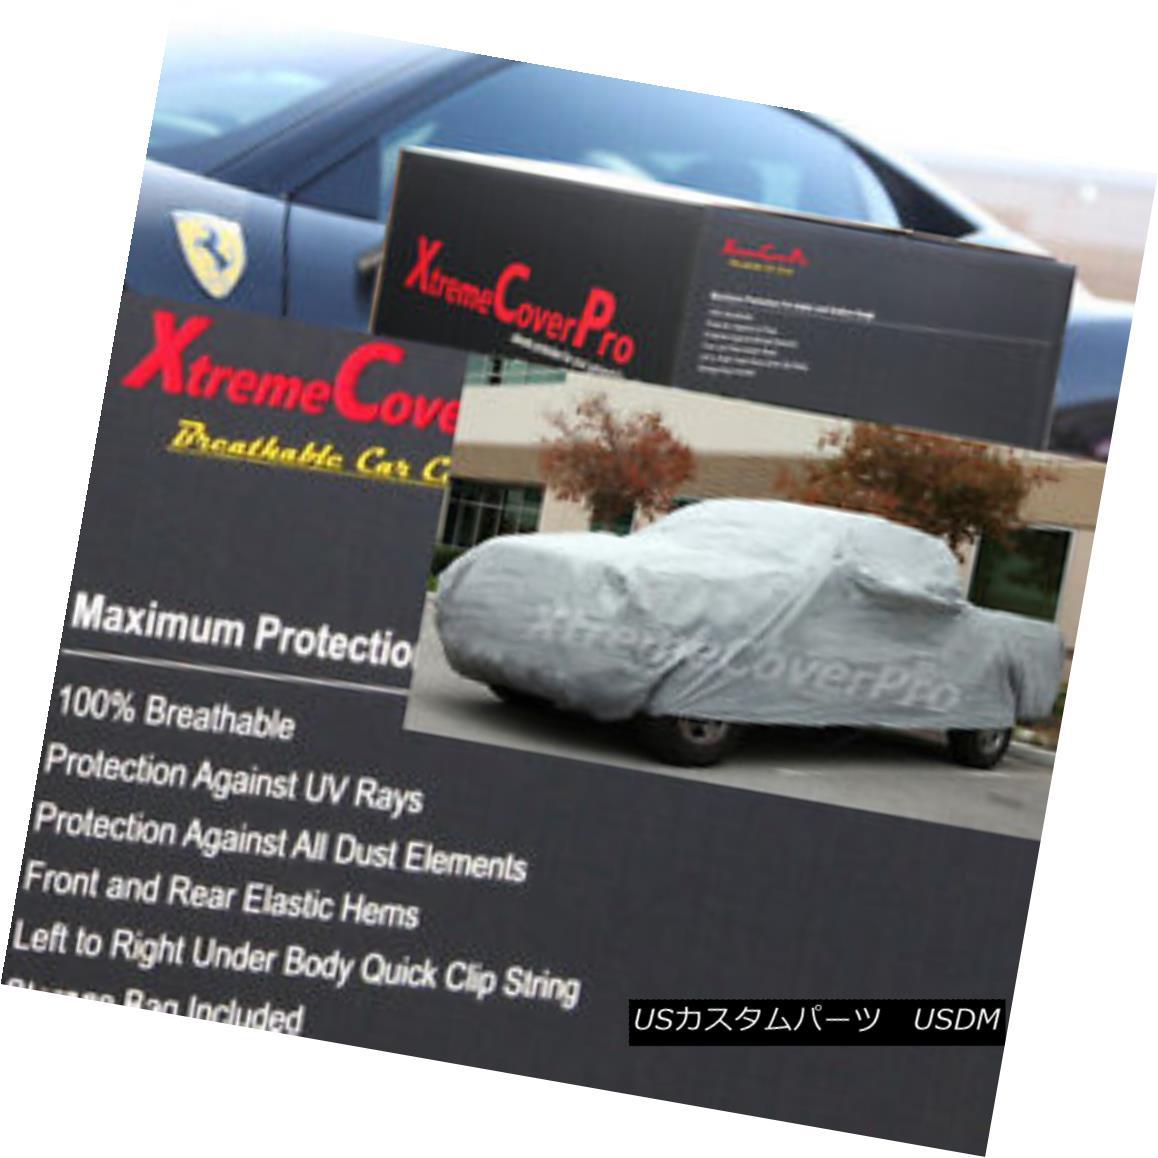 カーカバー 2016 2017 2018 GMC SIERRA 2500HD 3500HD REG Cab 8FT Box BREATHABLE TRUCK COVER 2016 2017 2018 GMC SIERRA 2500HD 3500HD REGキャブ8FTボックスBREATHABLE TRUCK COVER